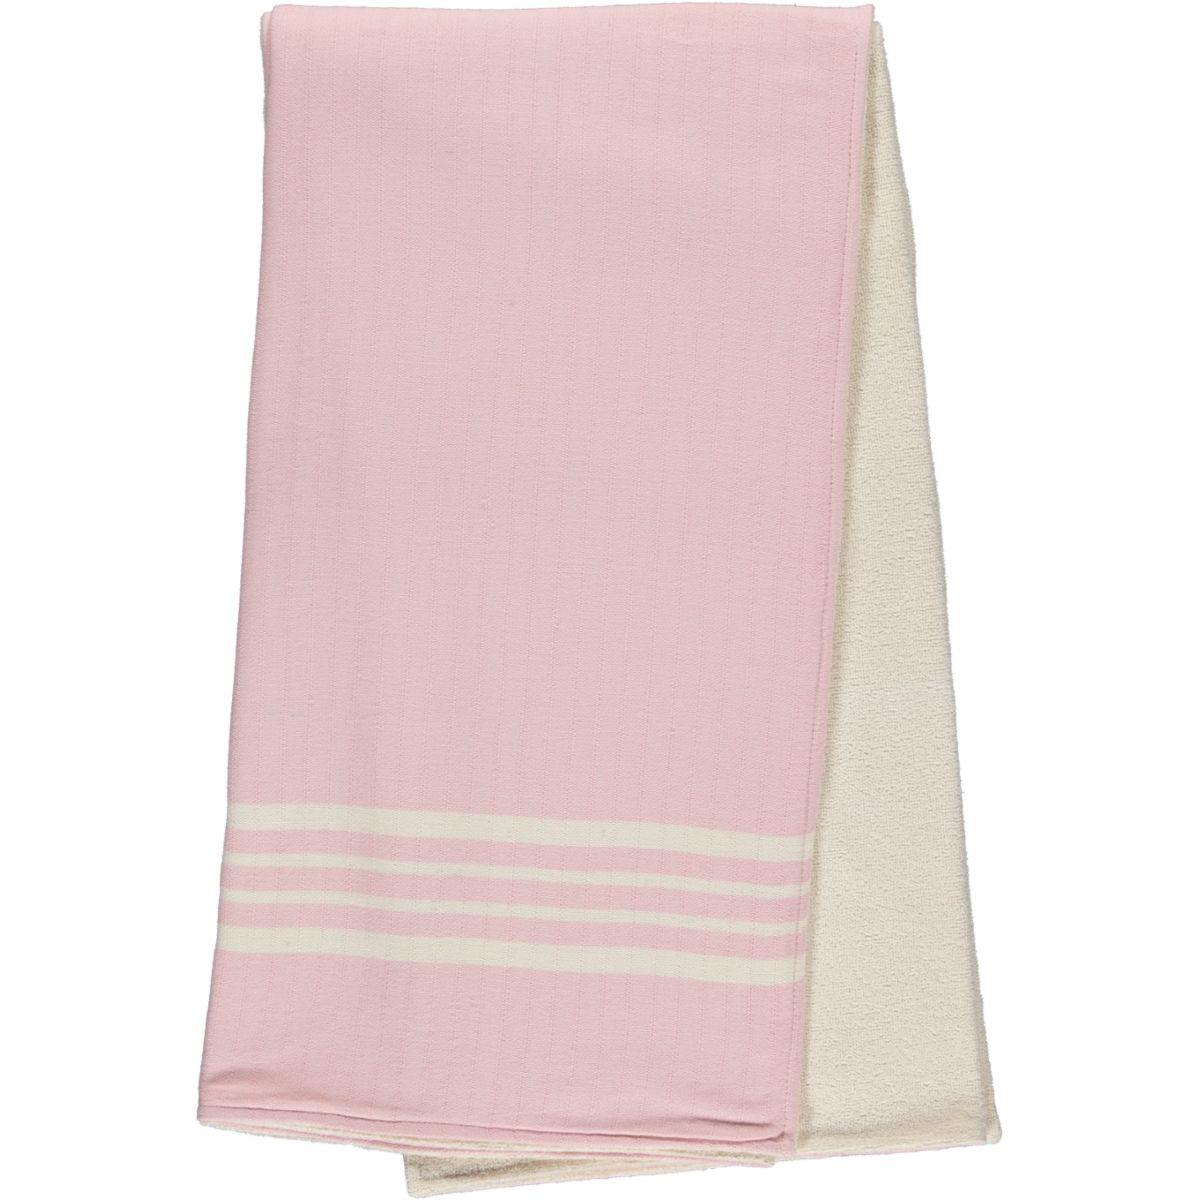 Peshtowel Sultan - Rose Pink